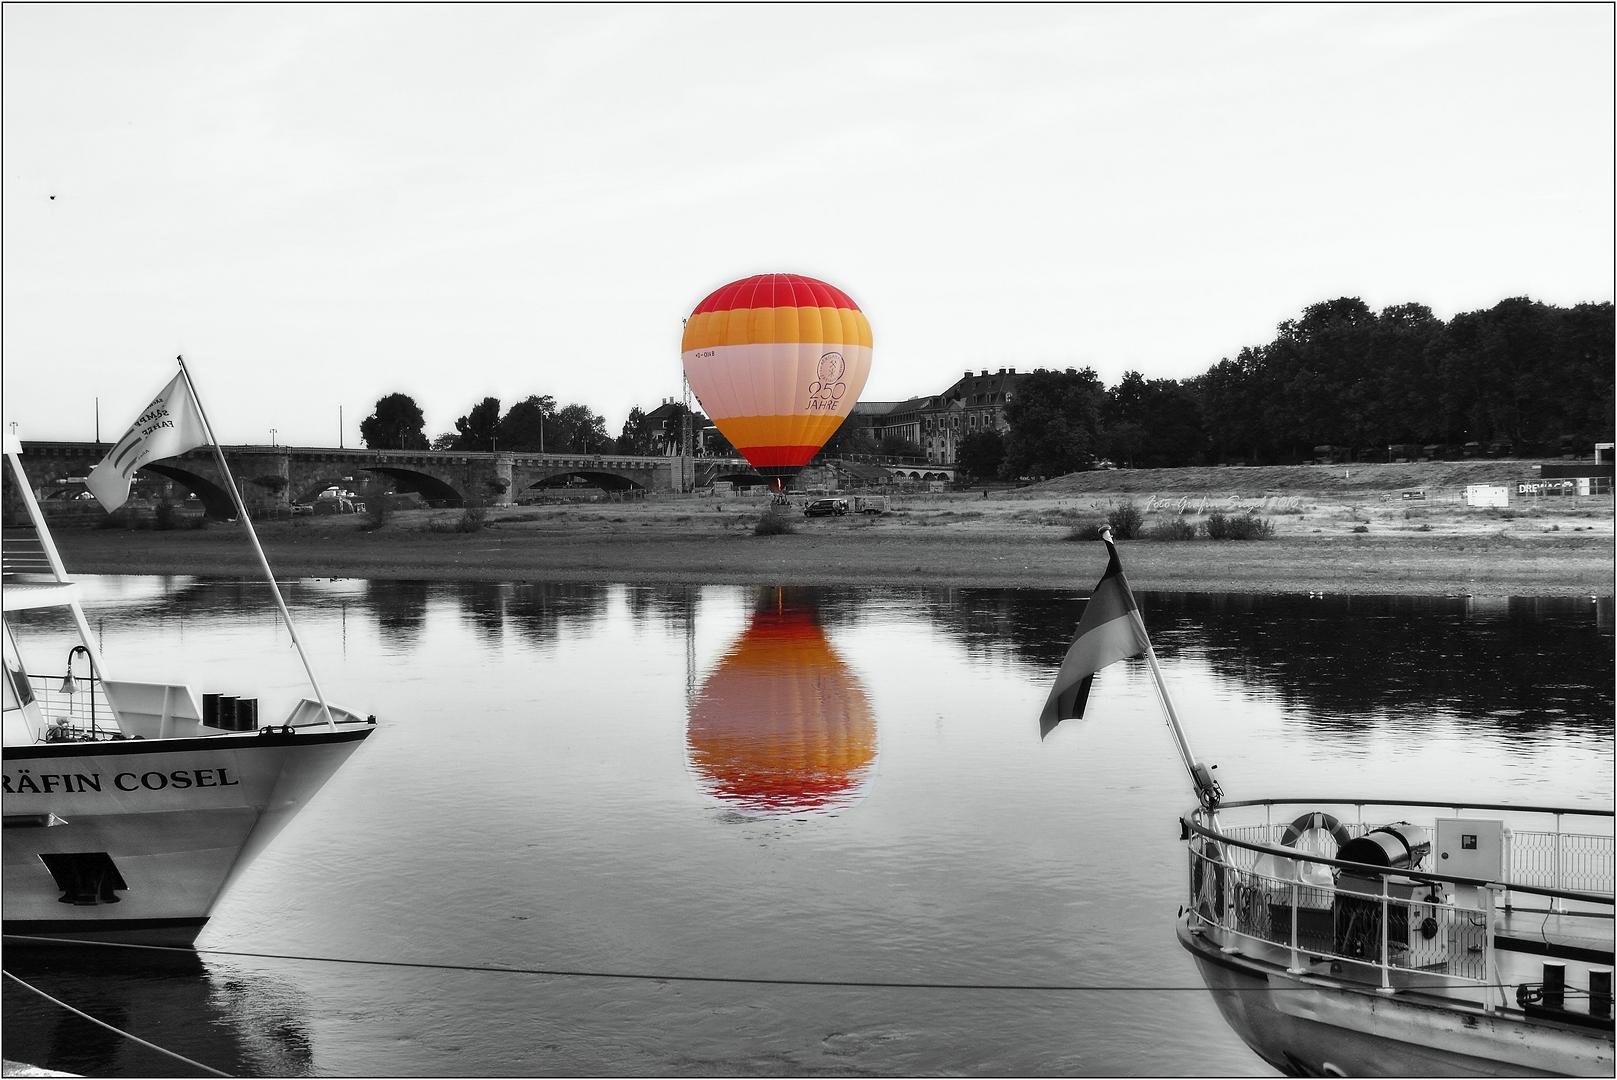 Fahren wir mit dem Ballon oder mit dem Schiff ?